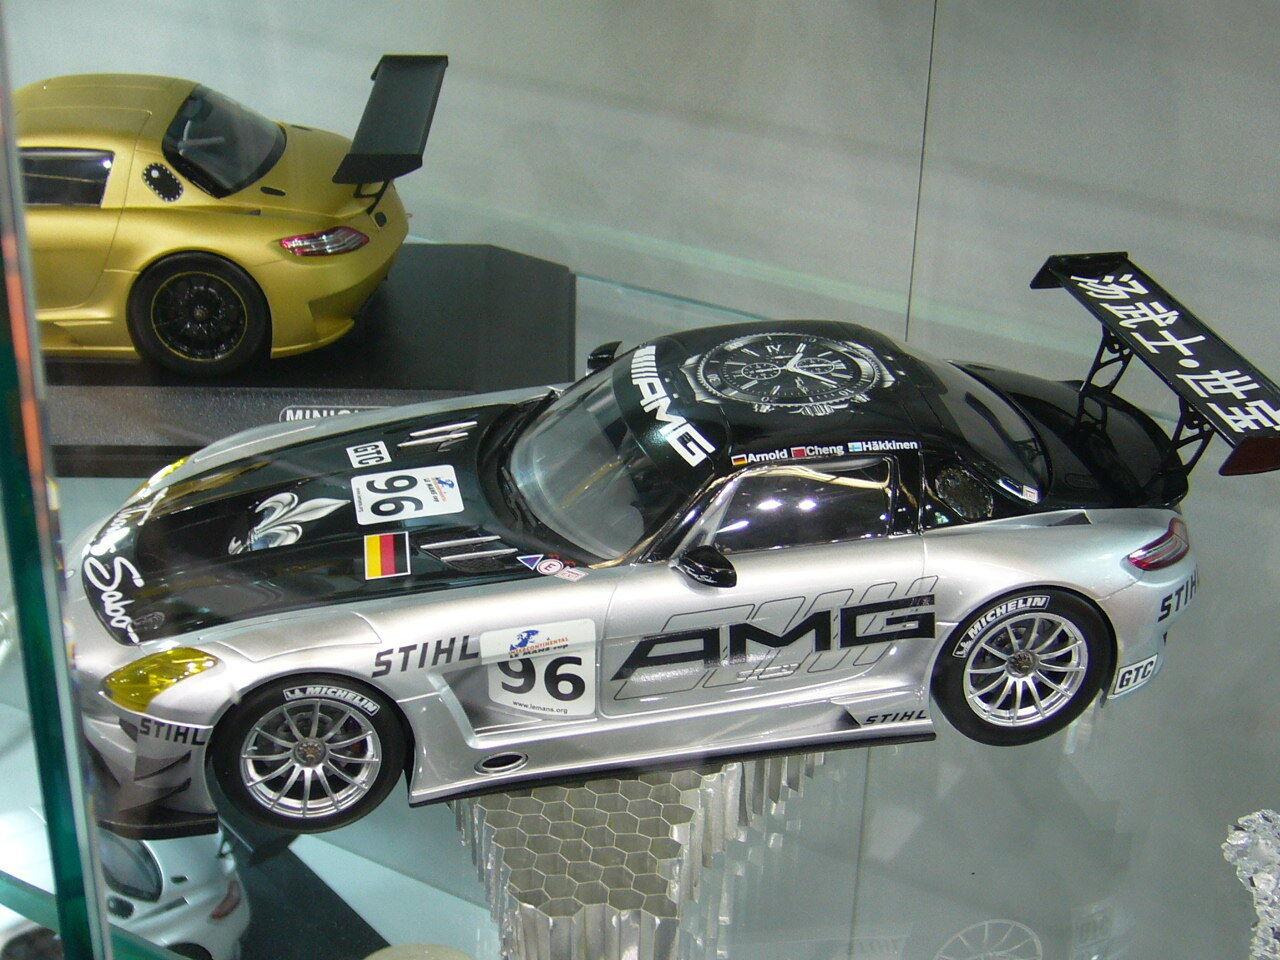 Mercedes Benz SLS AMG 24h Zhuhai 2011 Hakkinen Cheng Arnold Minichamps 1 18